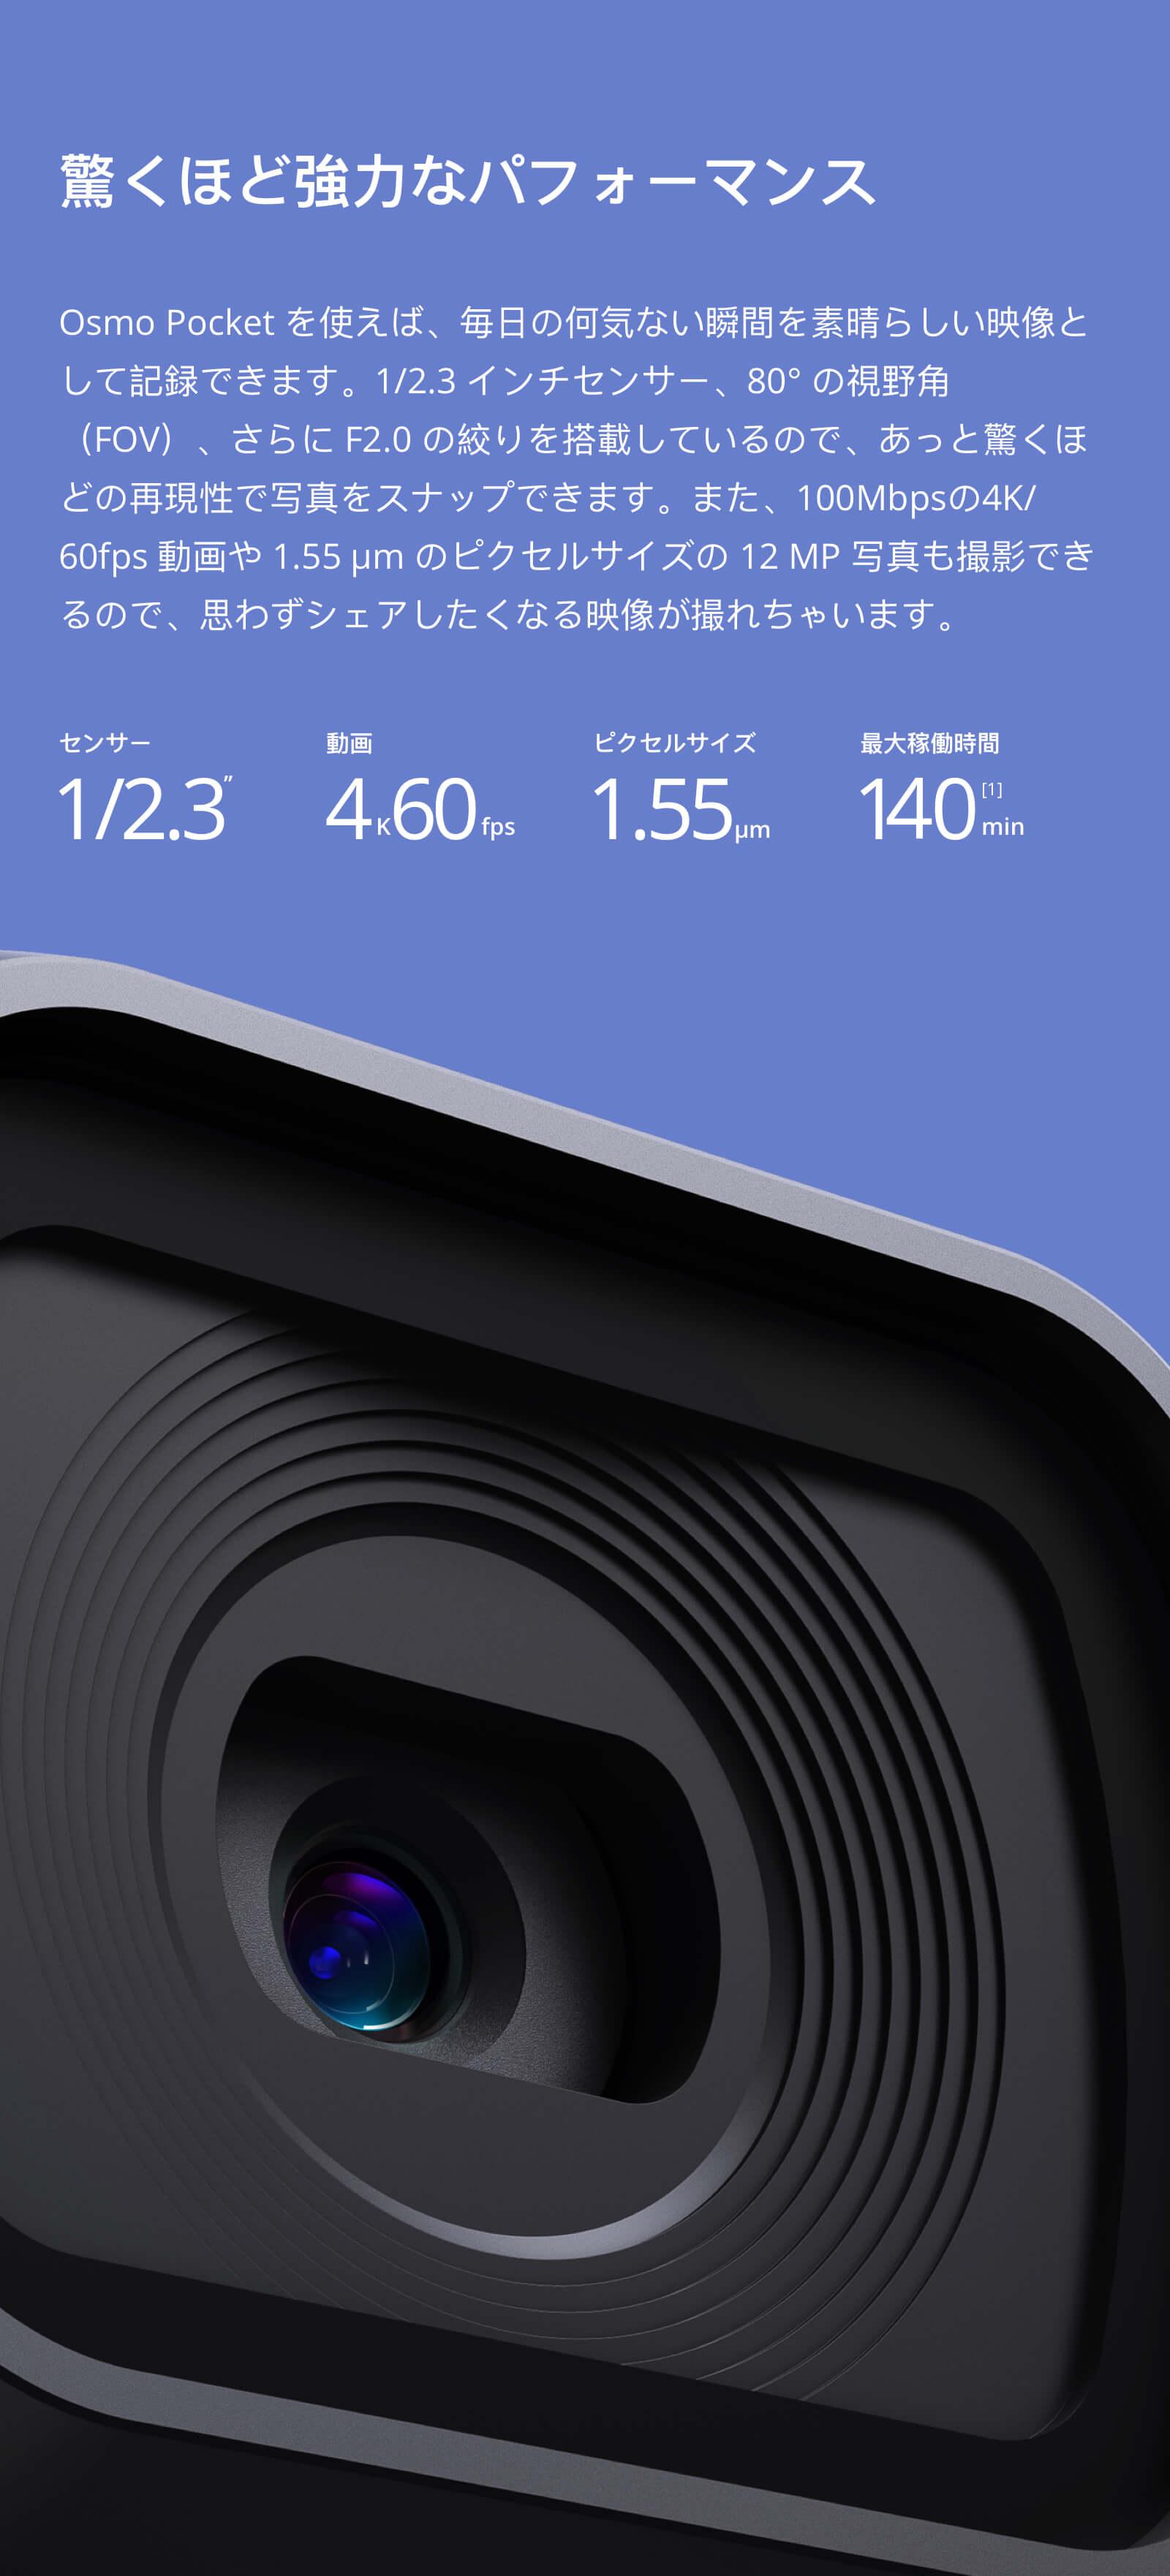 Osmo Pocket レビュー! ジンバル付きで、4Kのブレない動画撮影ができるカメラが登場!